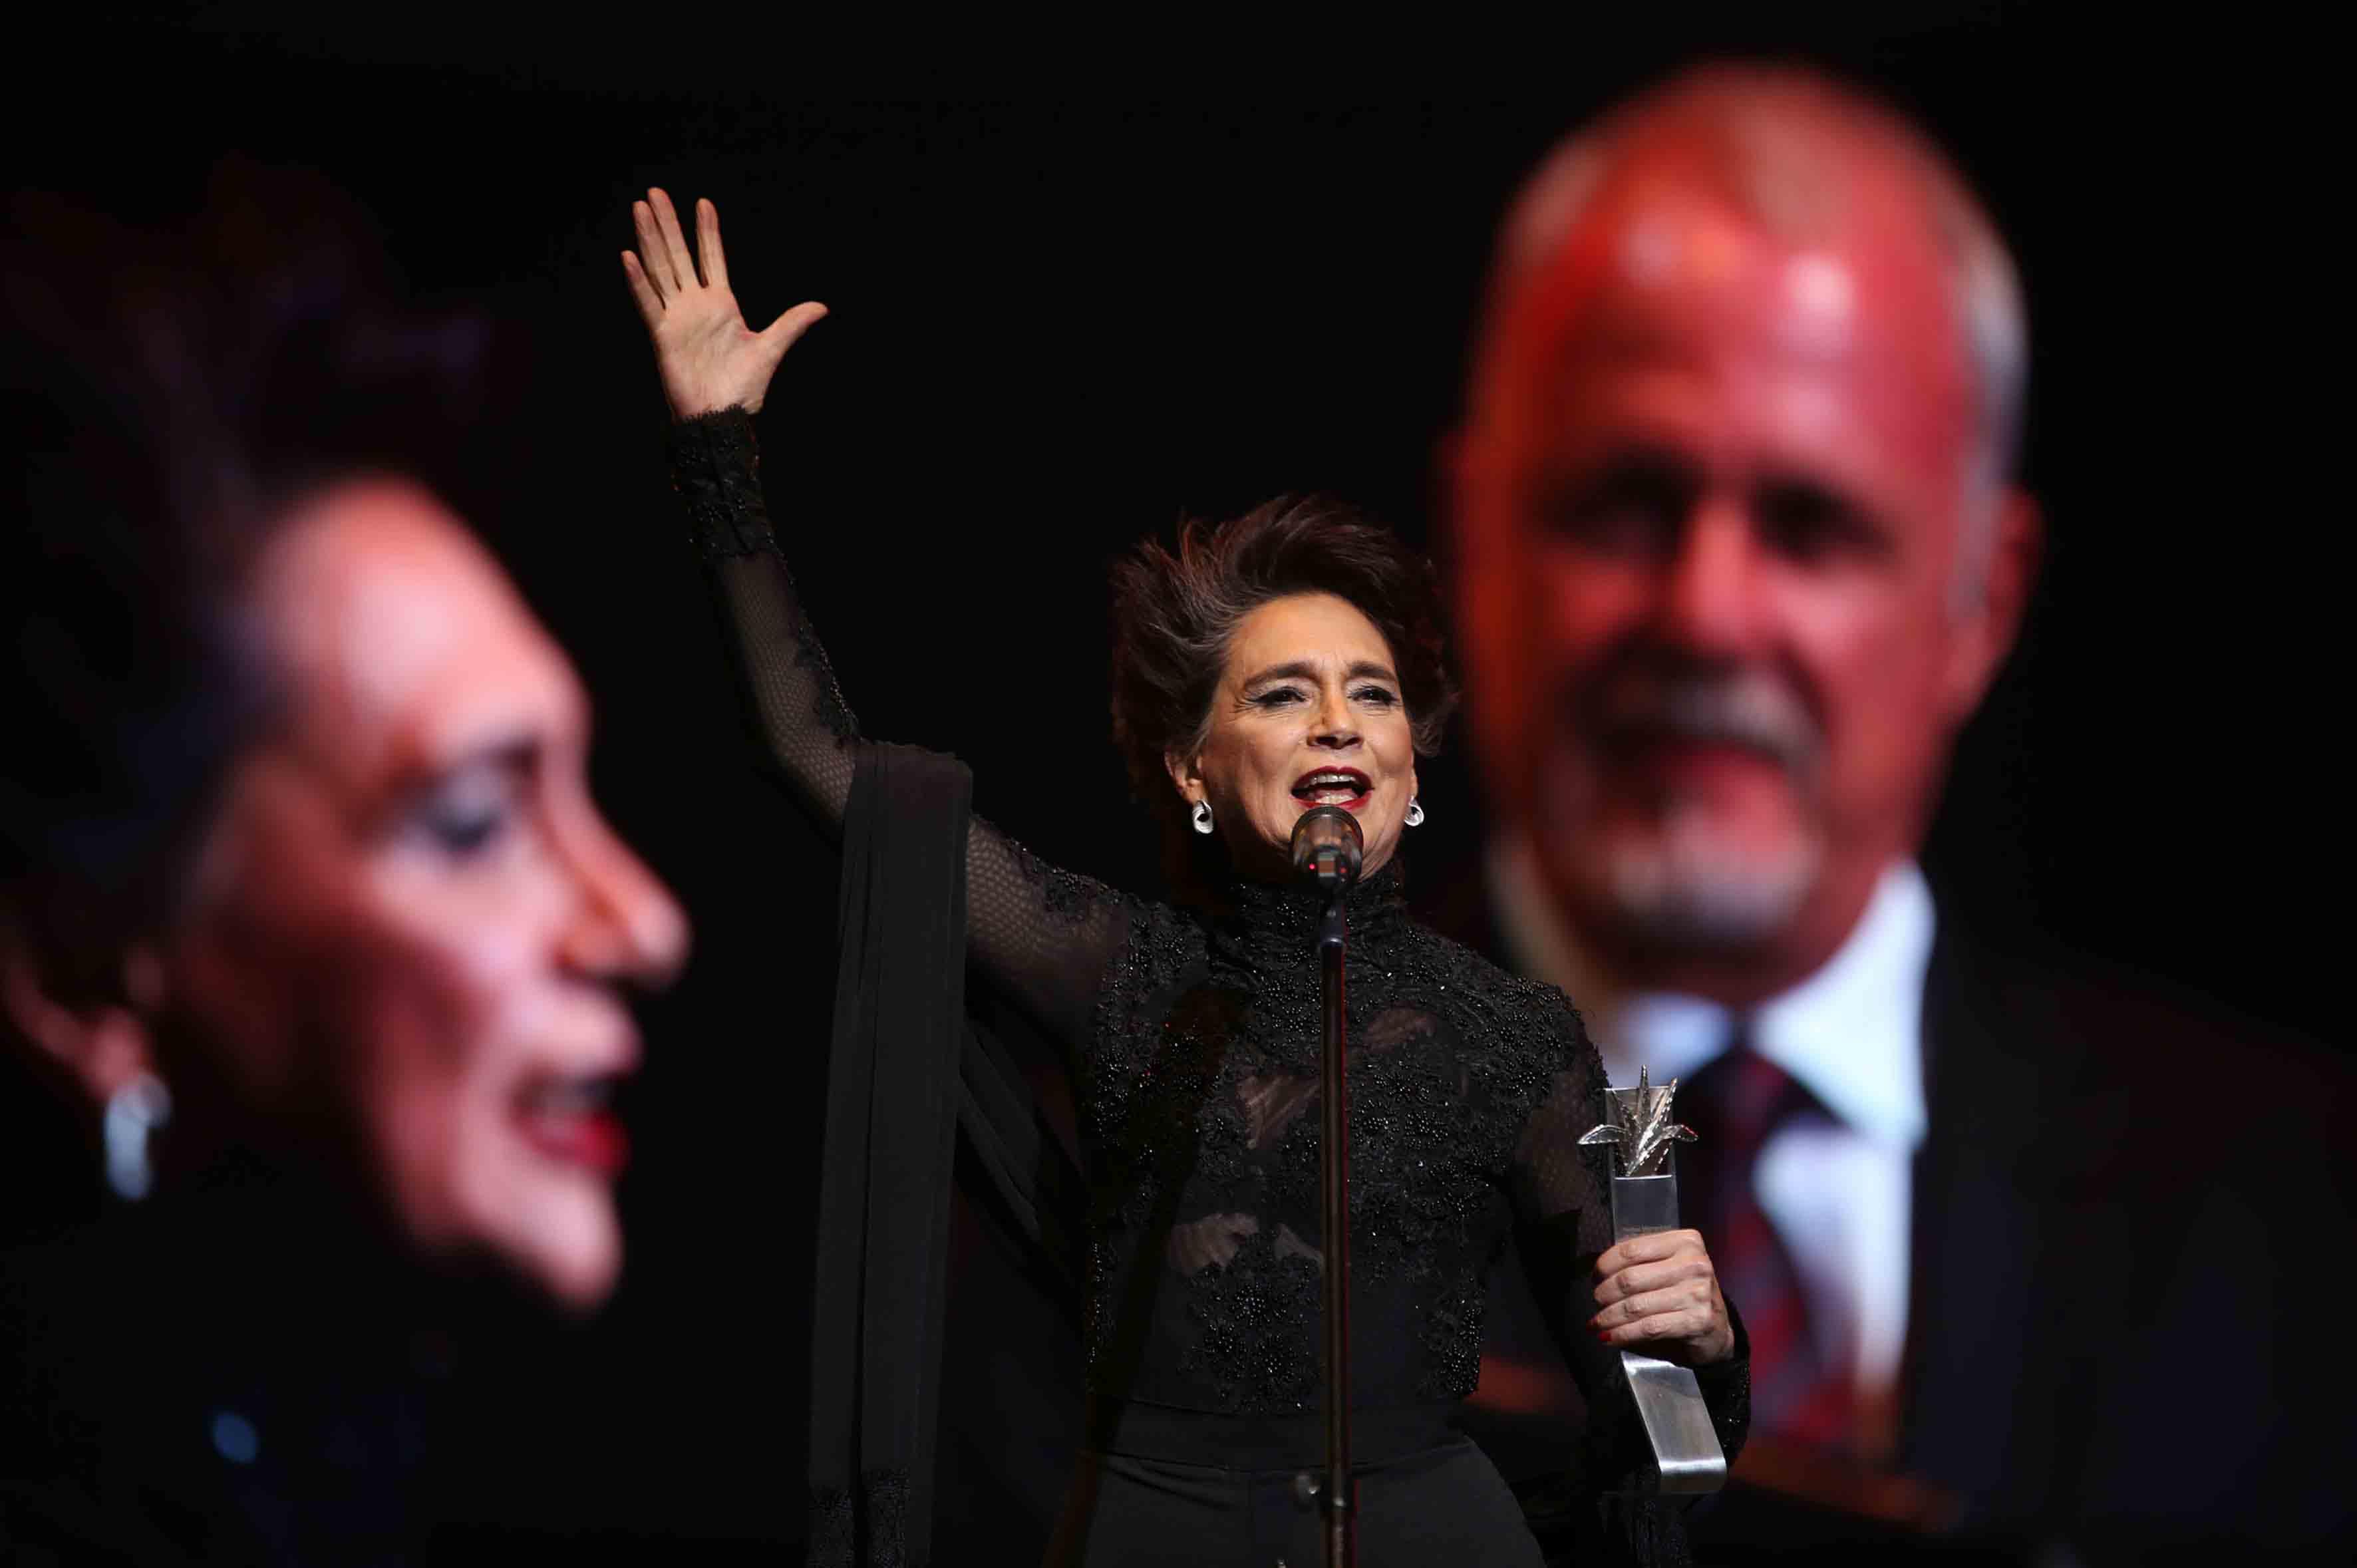 Ofelia Medina, actriz, guionista y productora mexicana, ofreciendo discurso durante la ceremonia de entrega de premios.